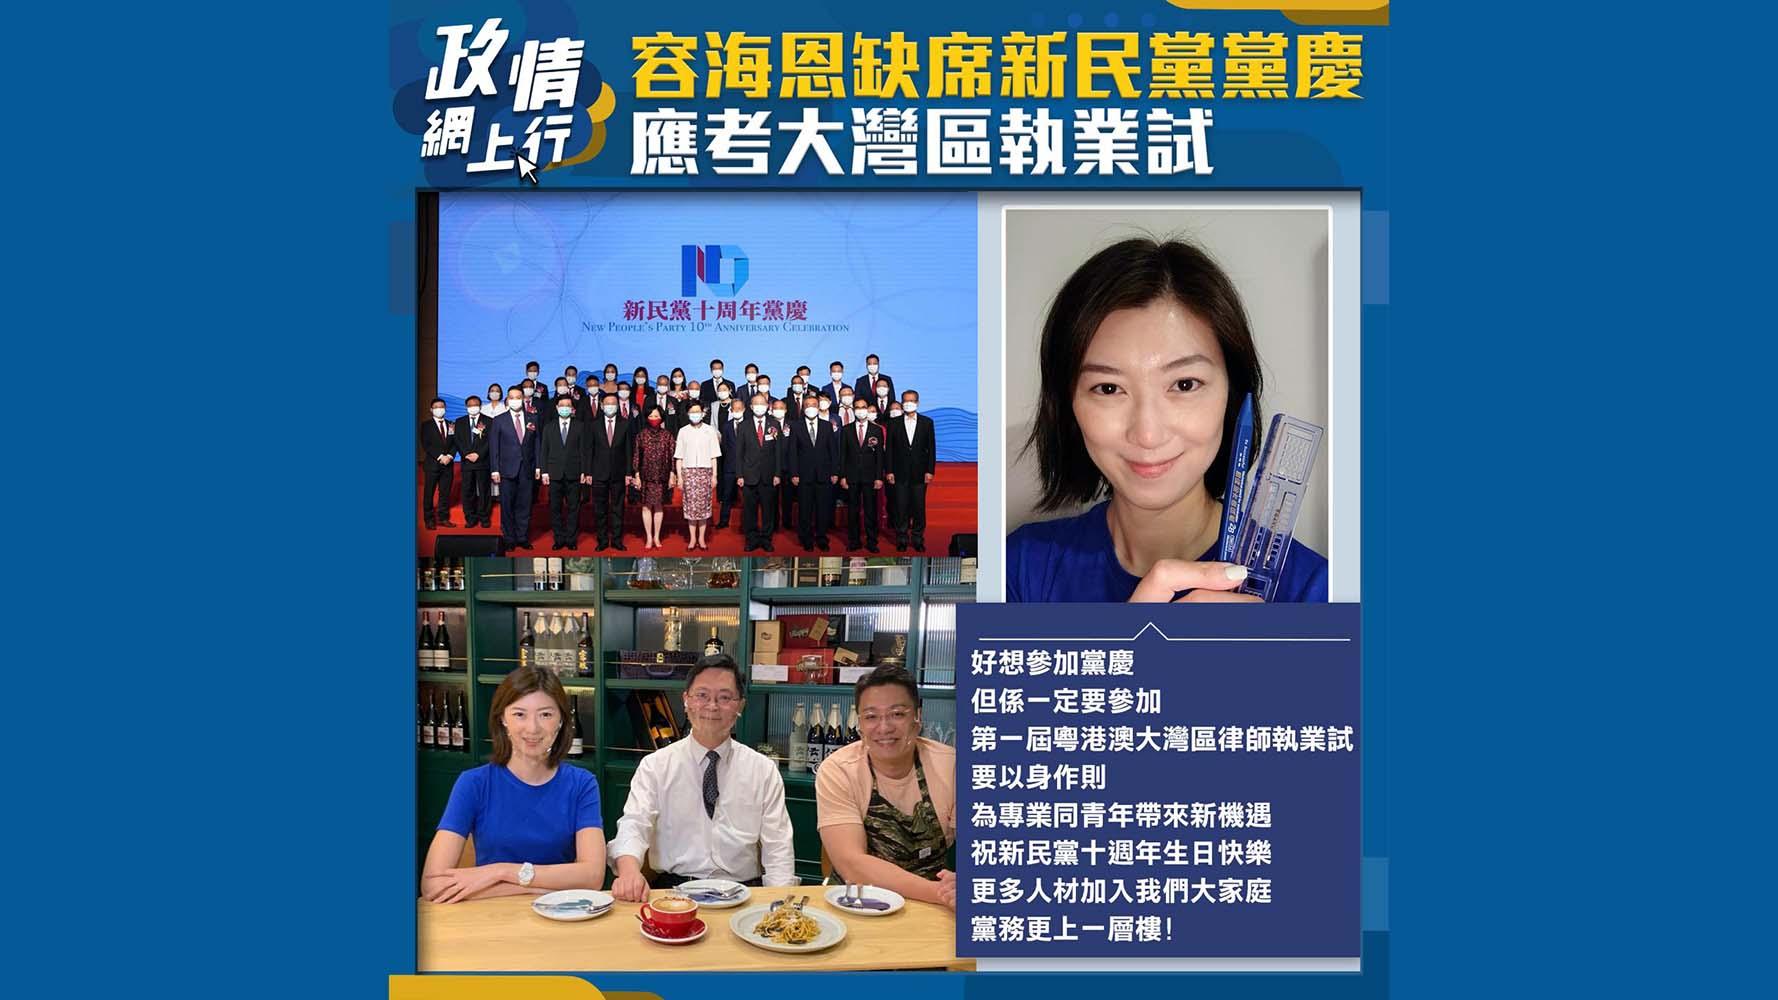 【政情網上行】容海恩缺席新民黨黨慶 應考大灣區執業試